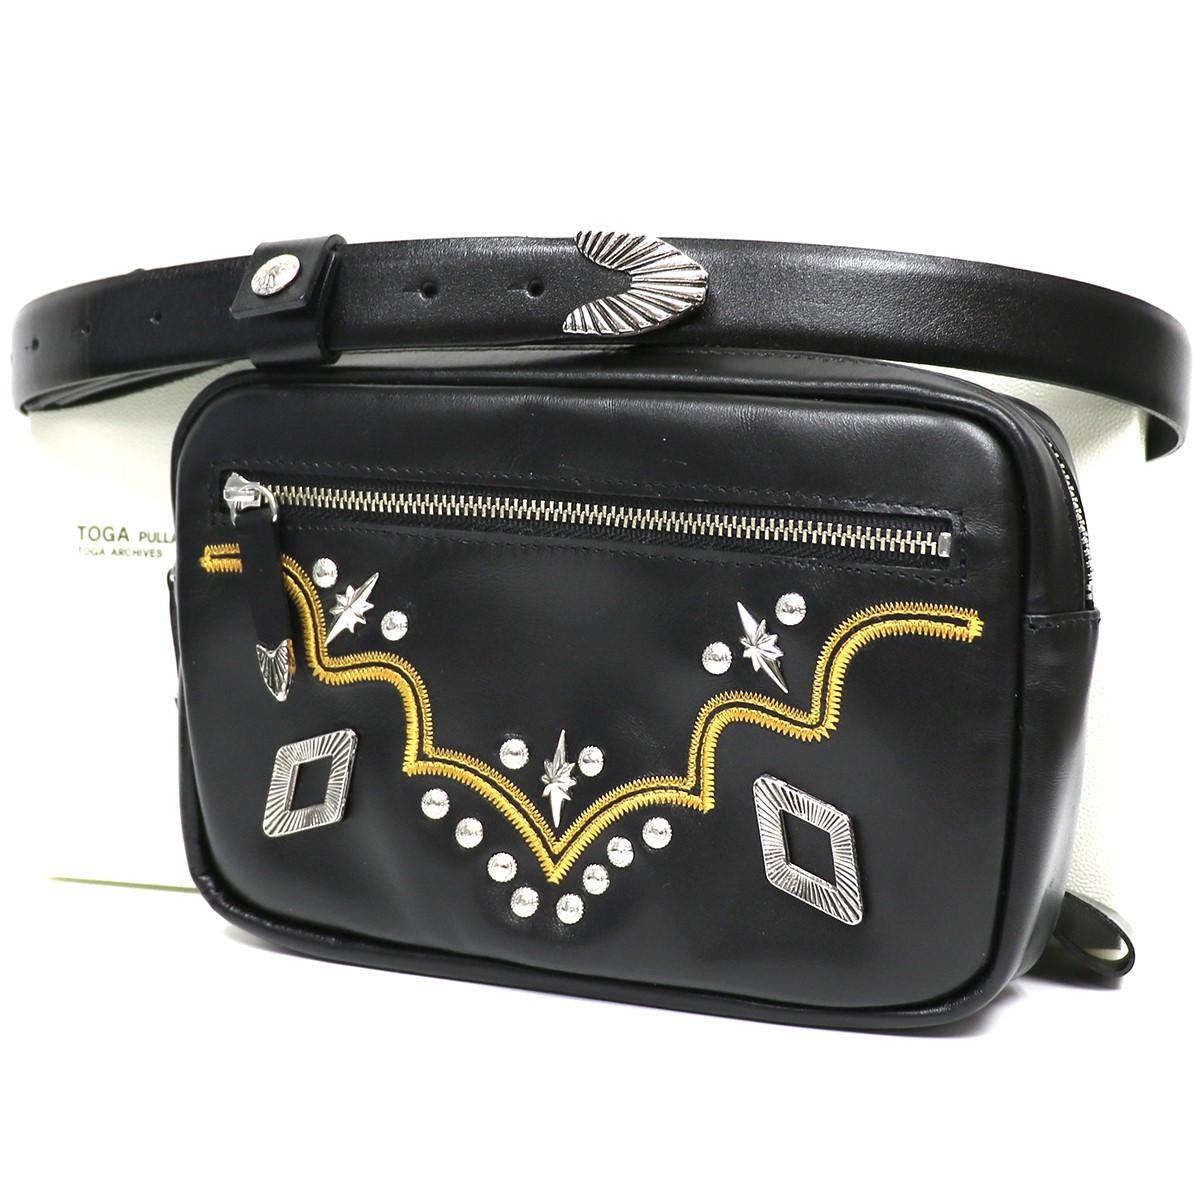 トーガ プルラ 【中古】TOGA PULLA 19SS Metal Stitch belt Bagレザーウエストショルダーバッグ ブラック サイズ:- 【050120】(トーガ プルラ)